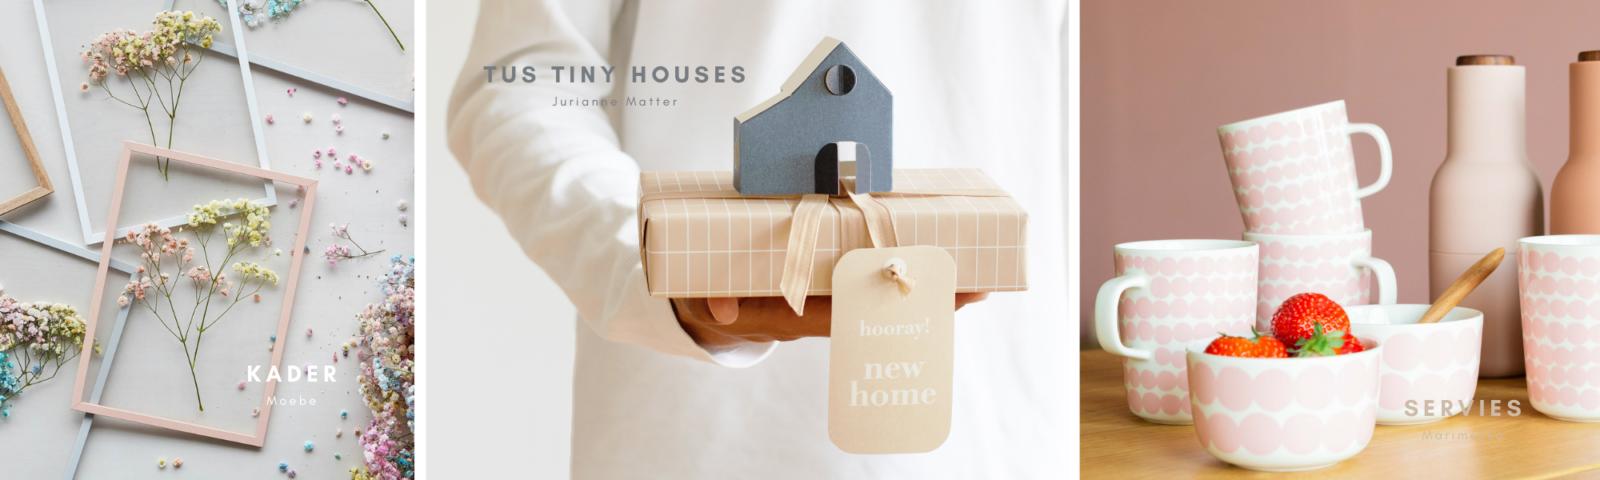 geschenken huiszwaluw home